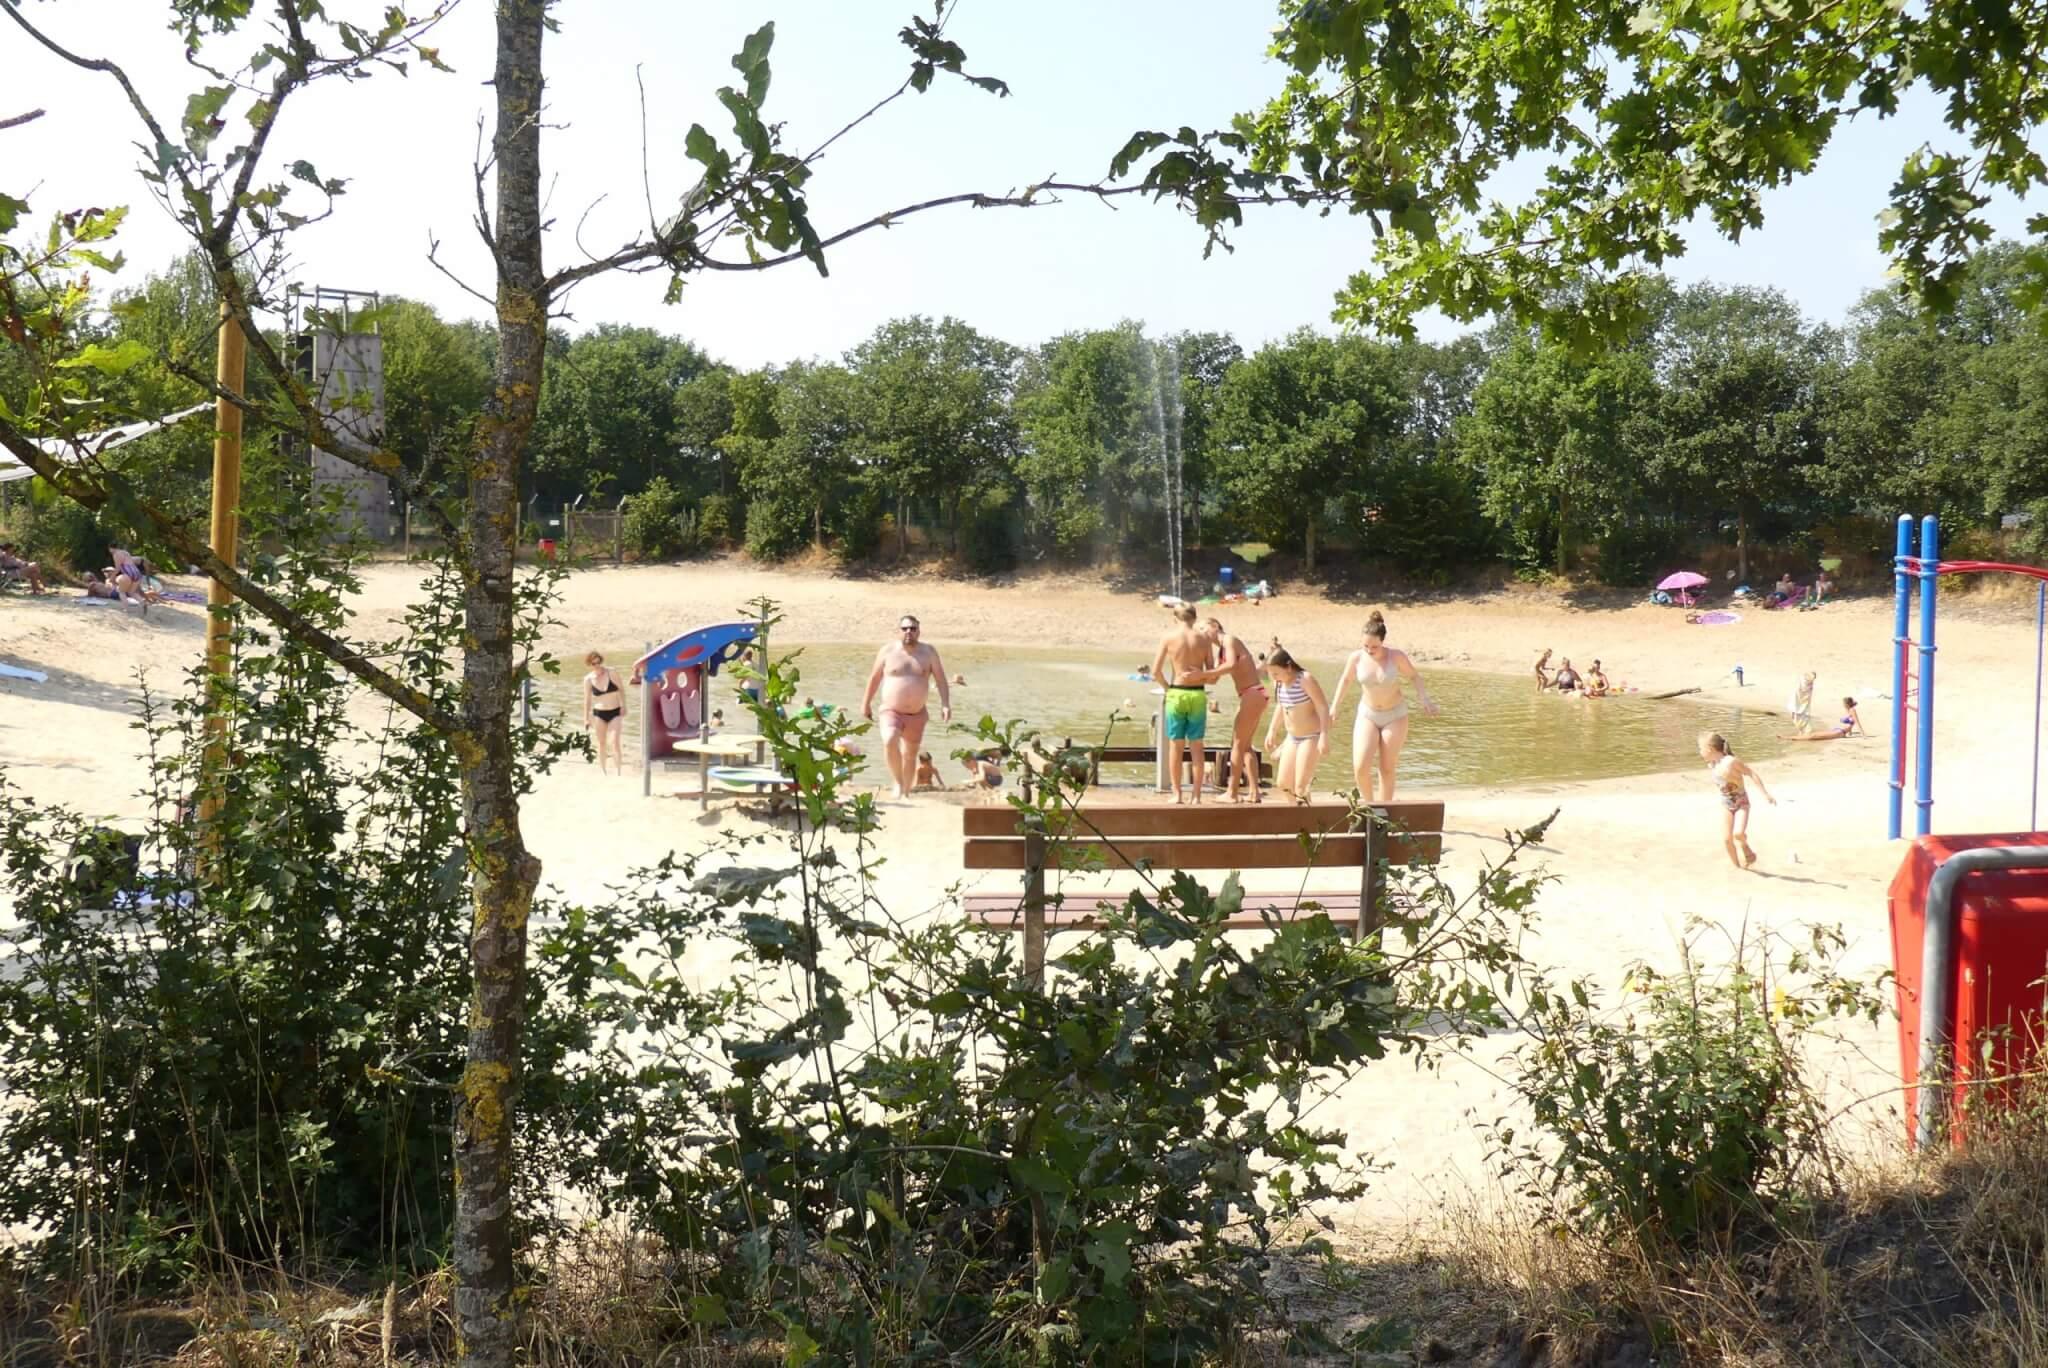 Kleine recreatieplas in Overijssel met kinderen